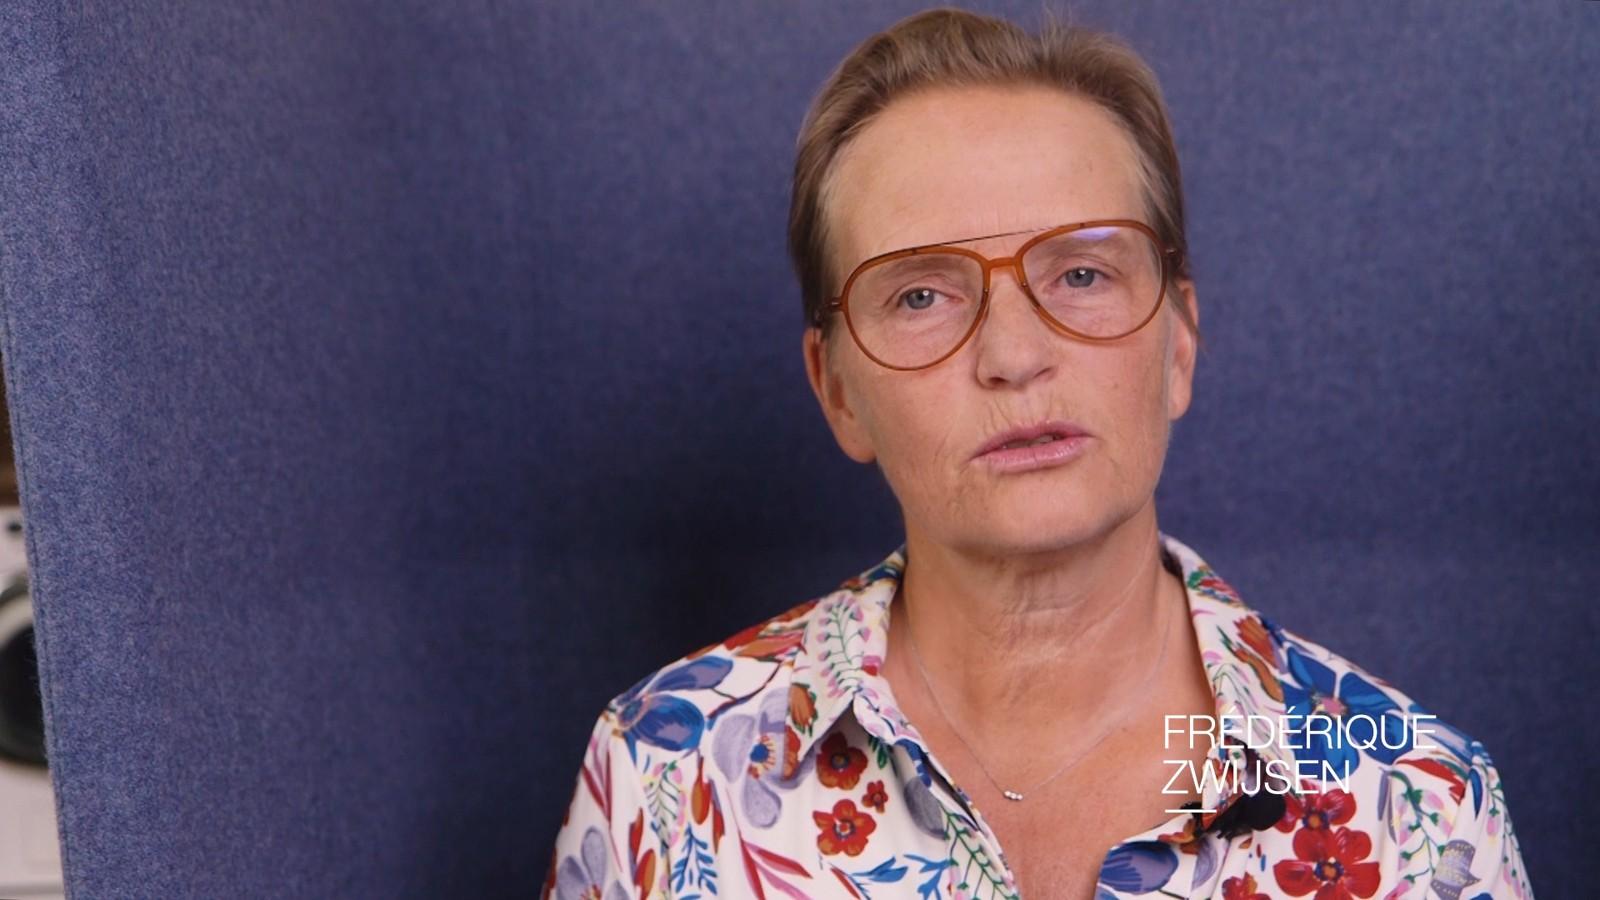 Frédérique Zwijsen